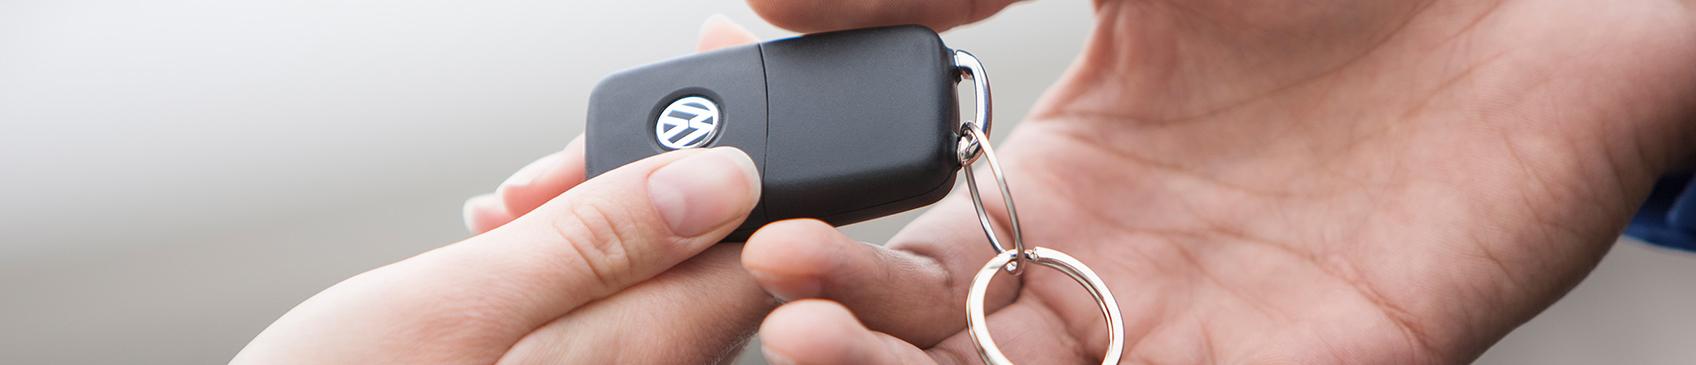 Handing over the keys to your new Volkswagen in Brisbane, Queensland.